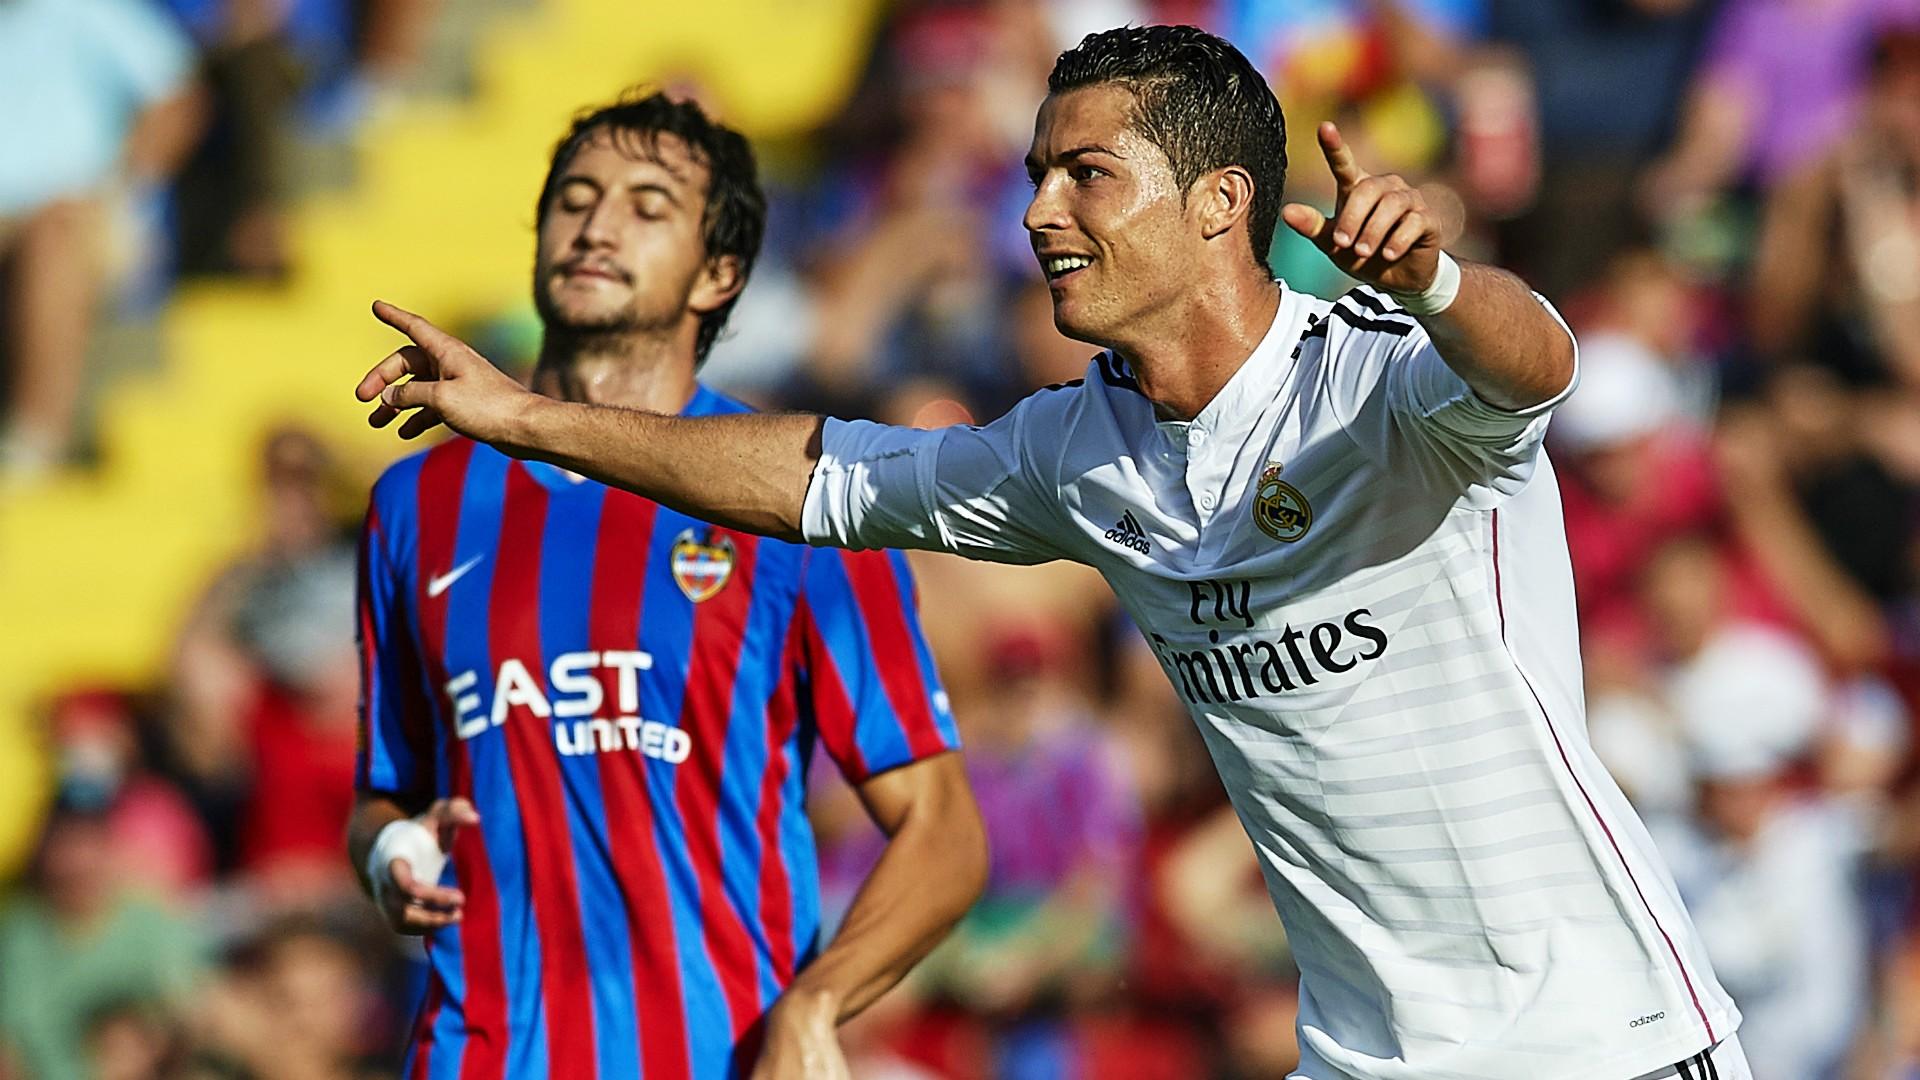 El Villarreal cede el liderato